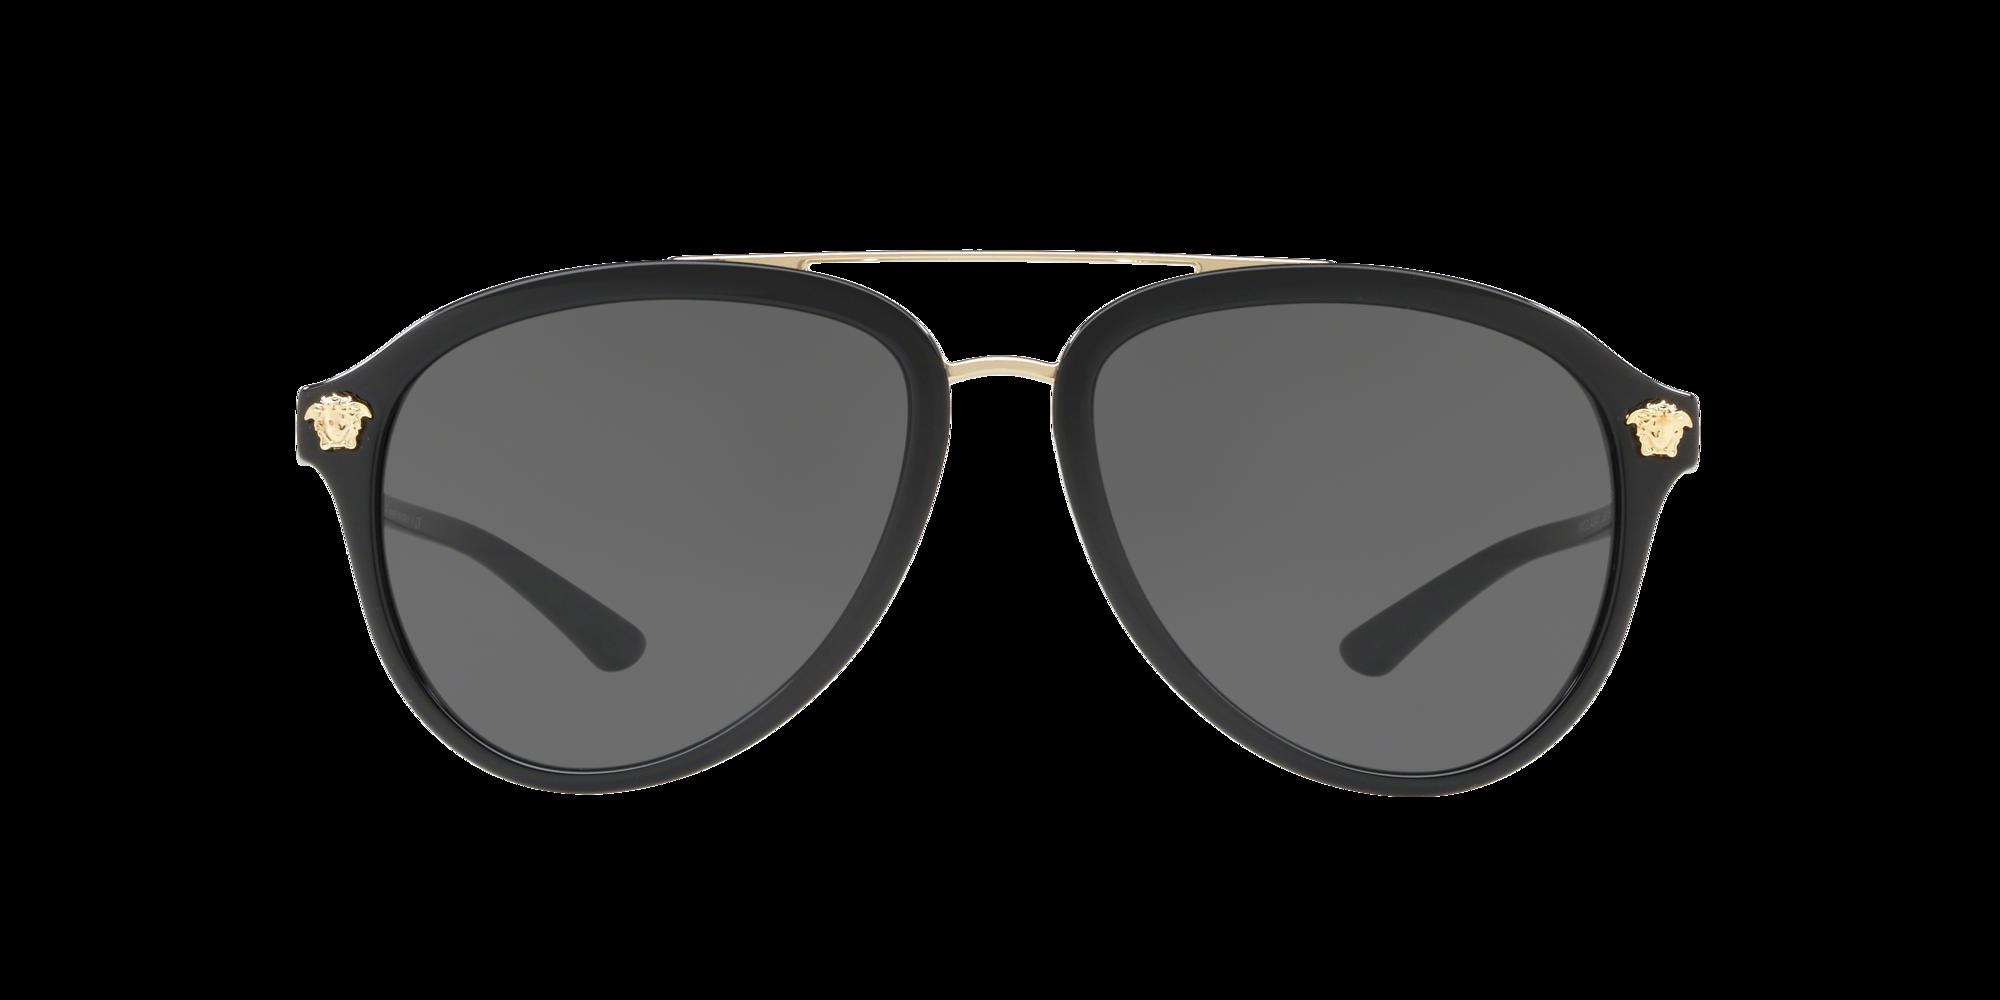 Imagen para VE4341 58 de LensCrafters |  Espejuelos, espejuelos graduados en línea, gafas